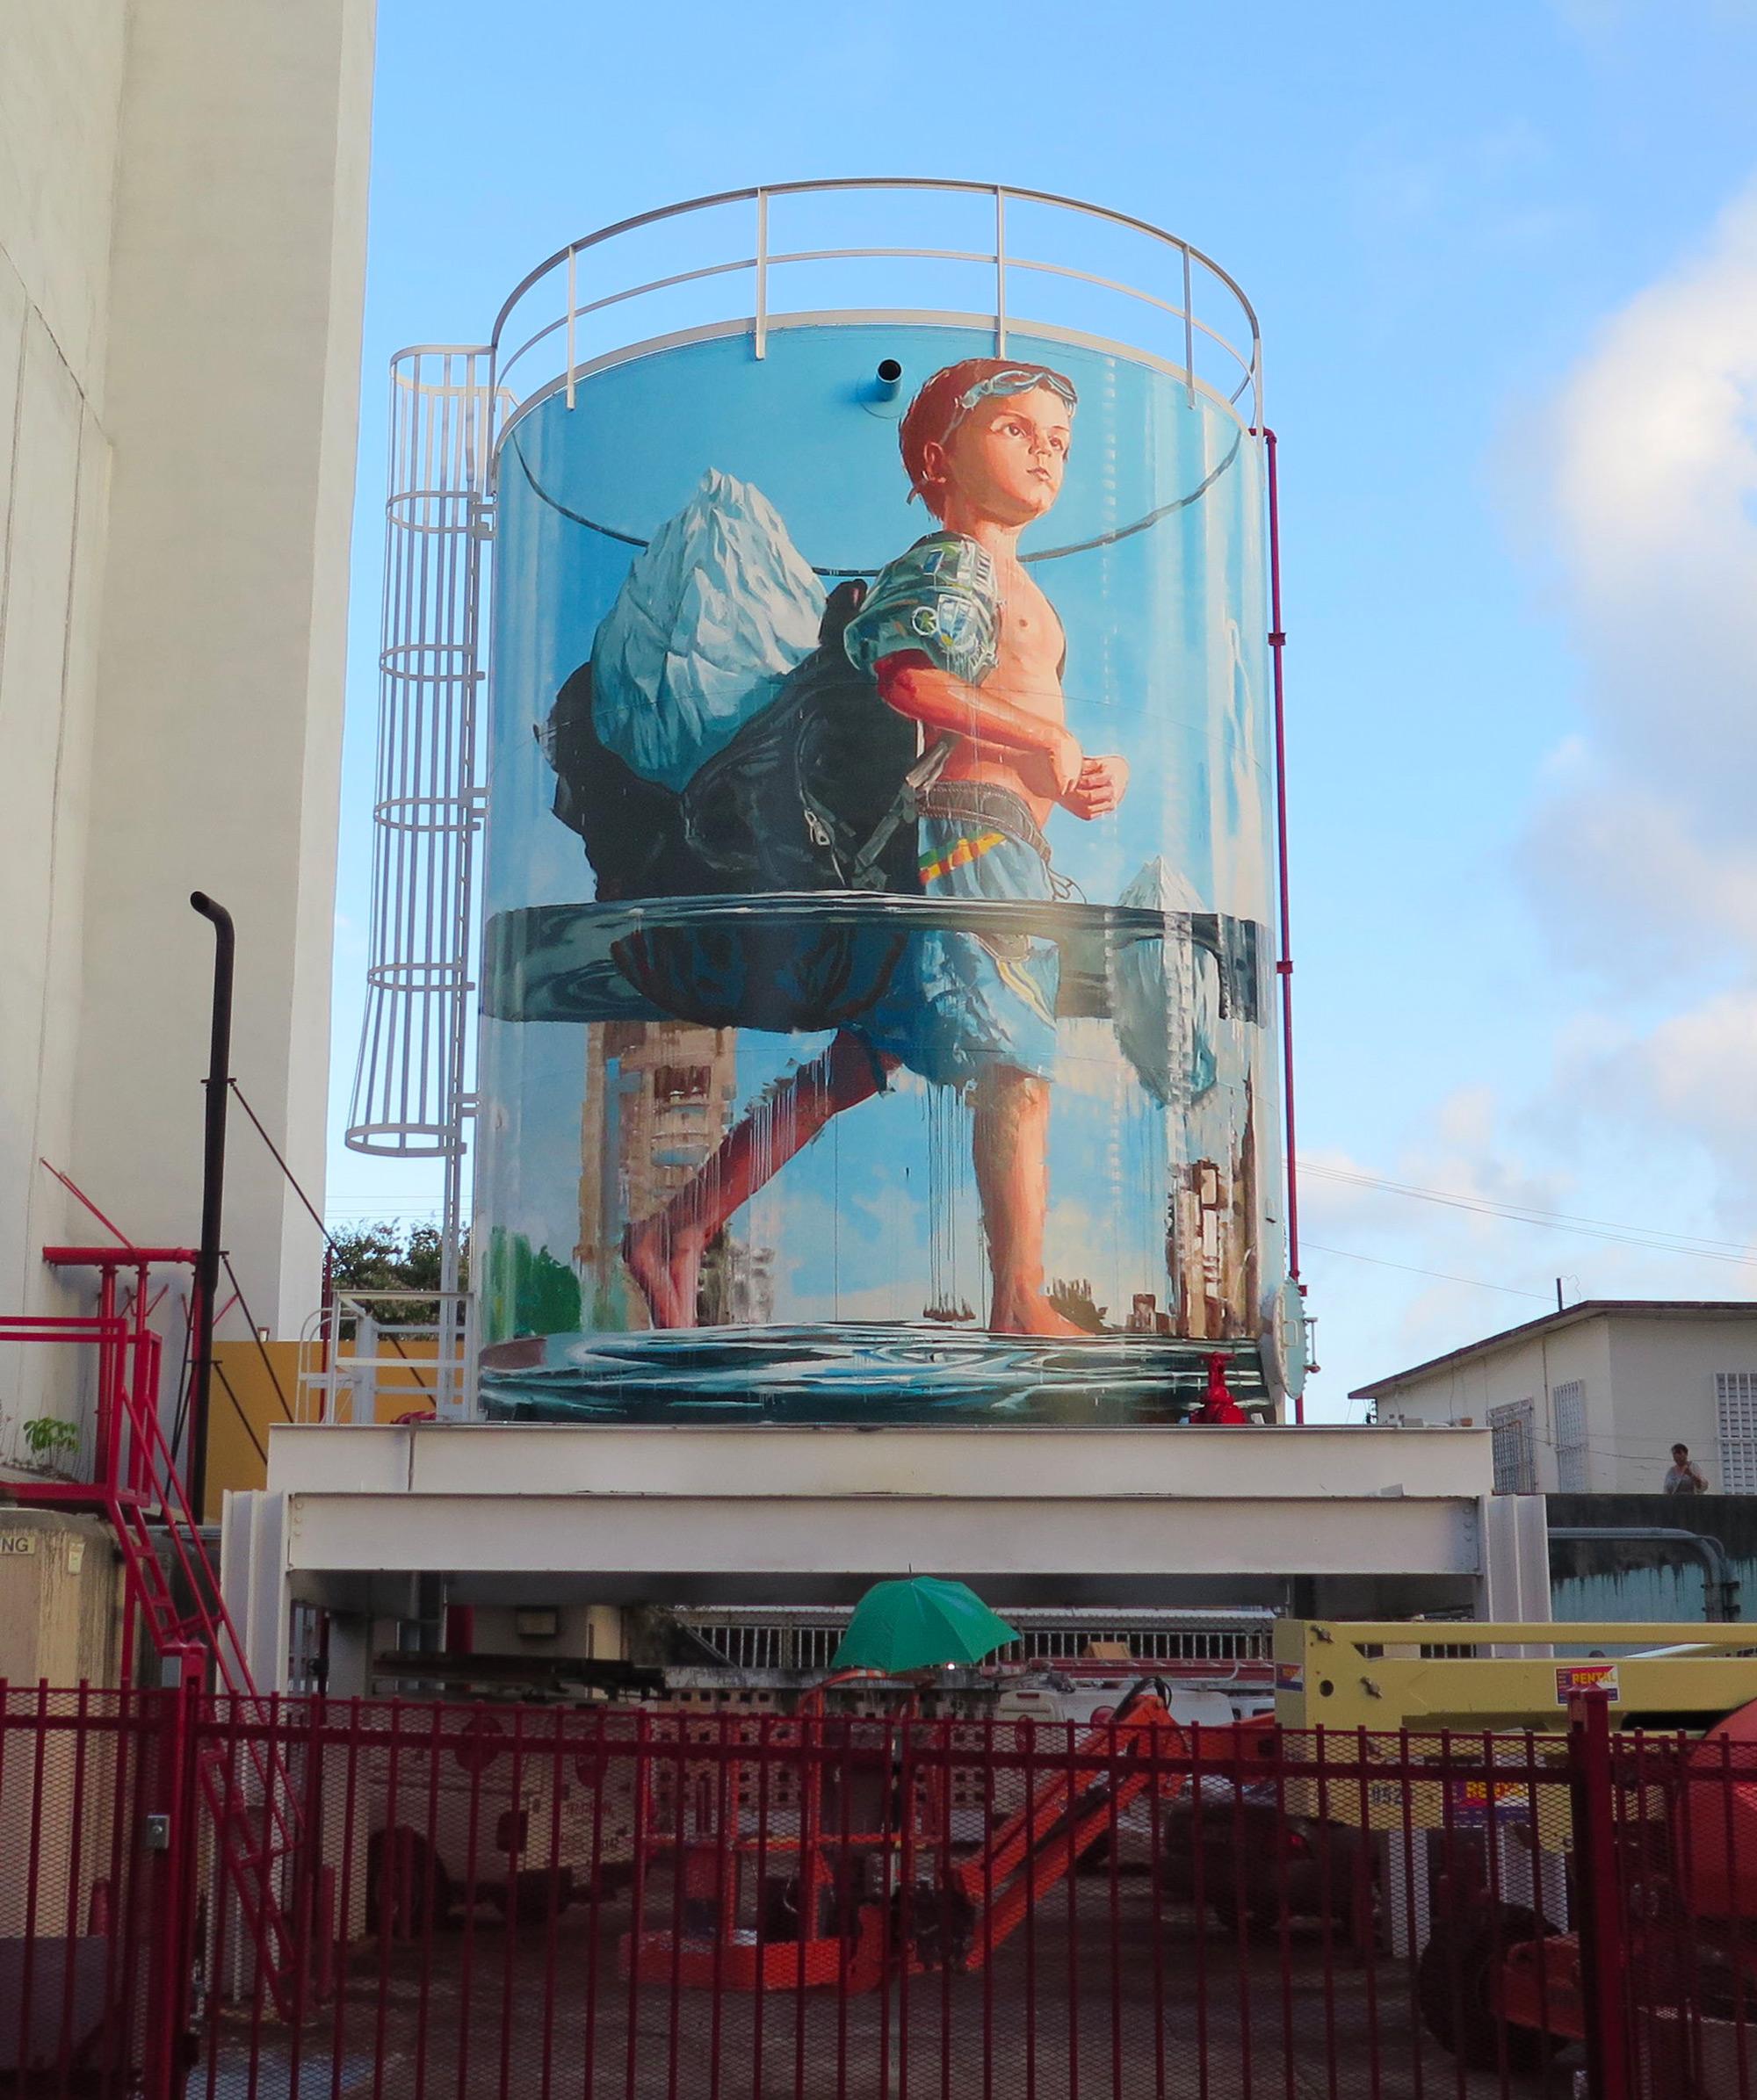 graffiti niño en un acuario